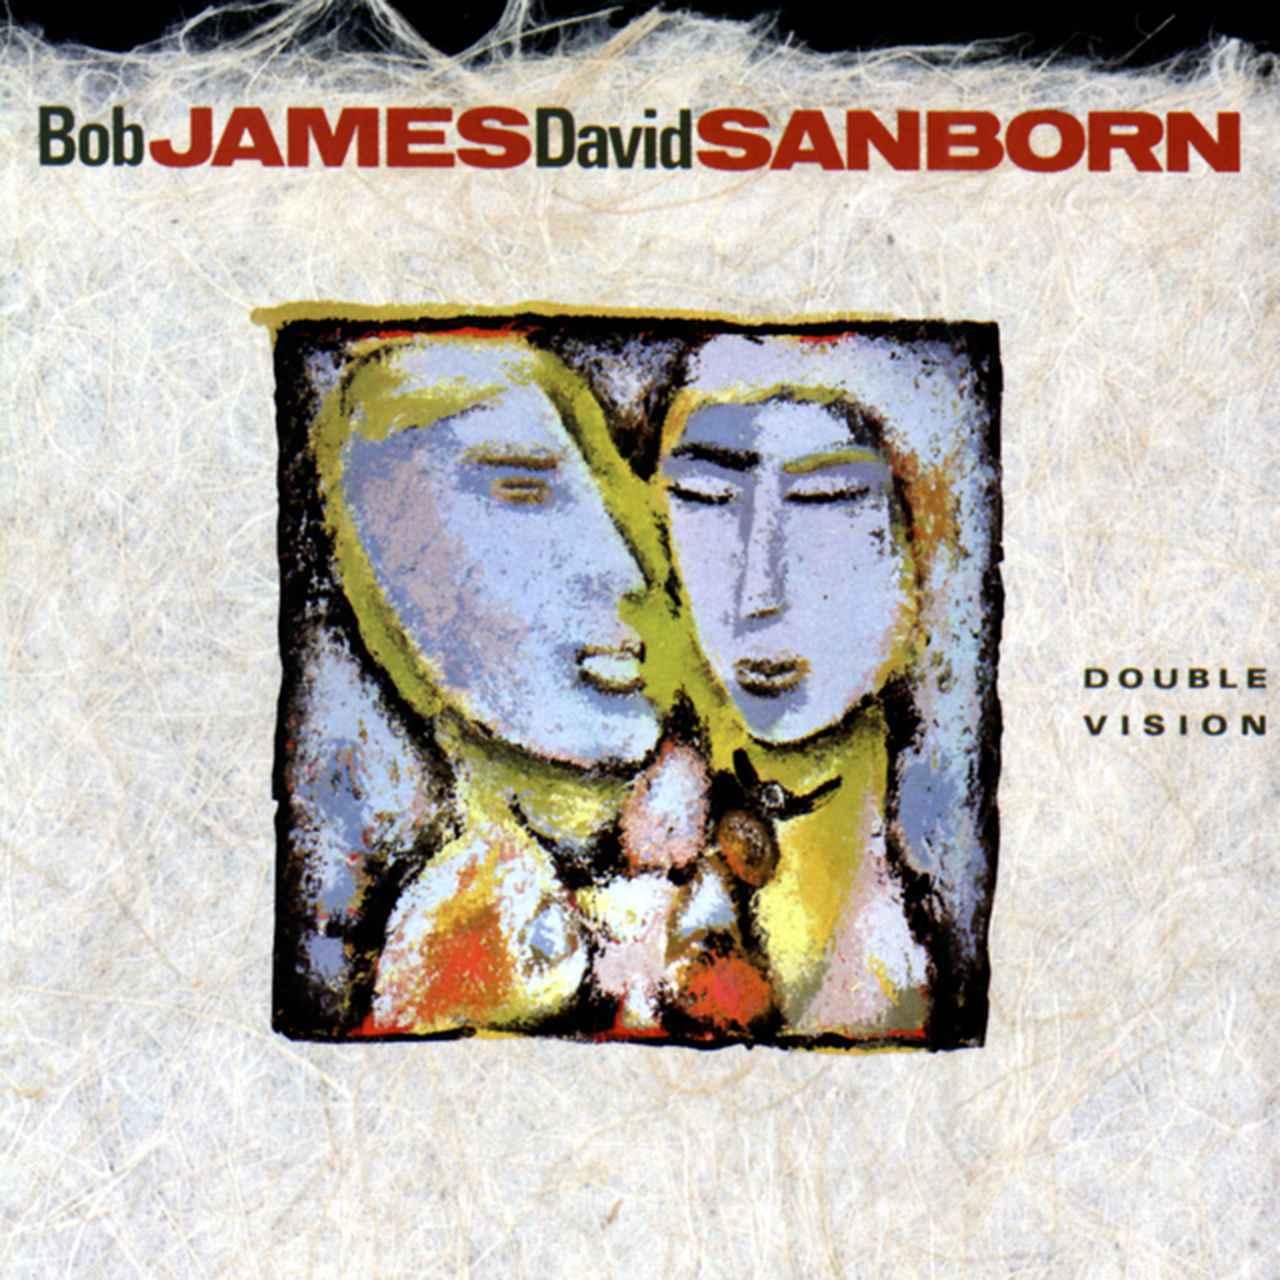 画像: Double Vision (2019 Remastered)/Bob James, David Sanborn